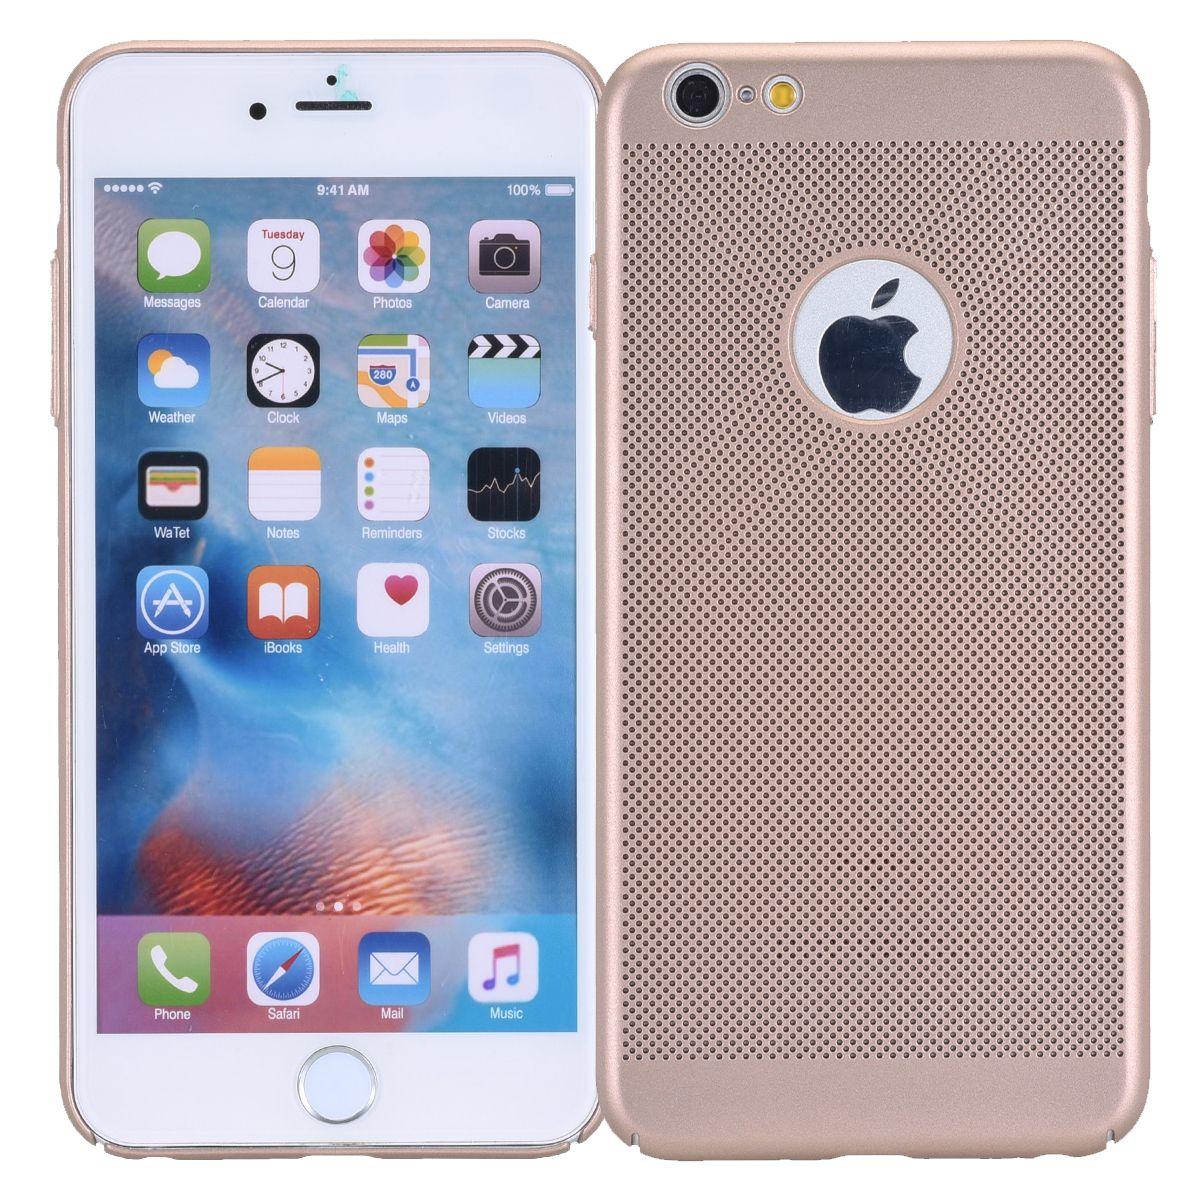 Handy Hülle Für Apple Iphone 5 5s Se Schutzhülle Case Tasche Cover